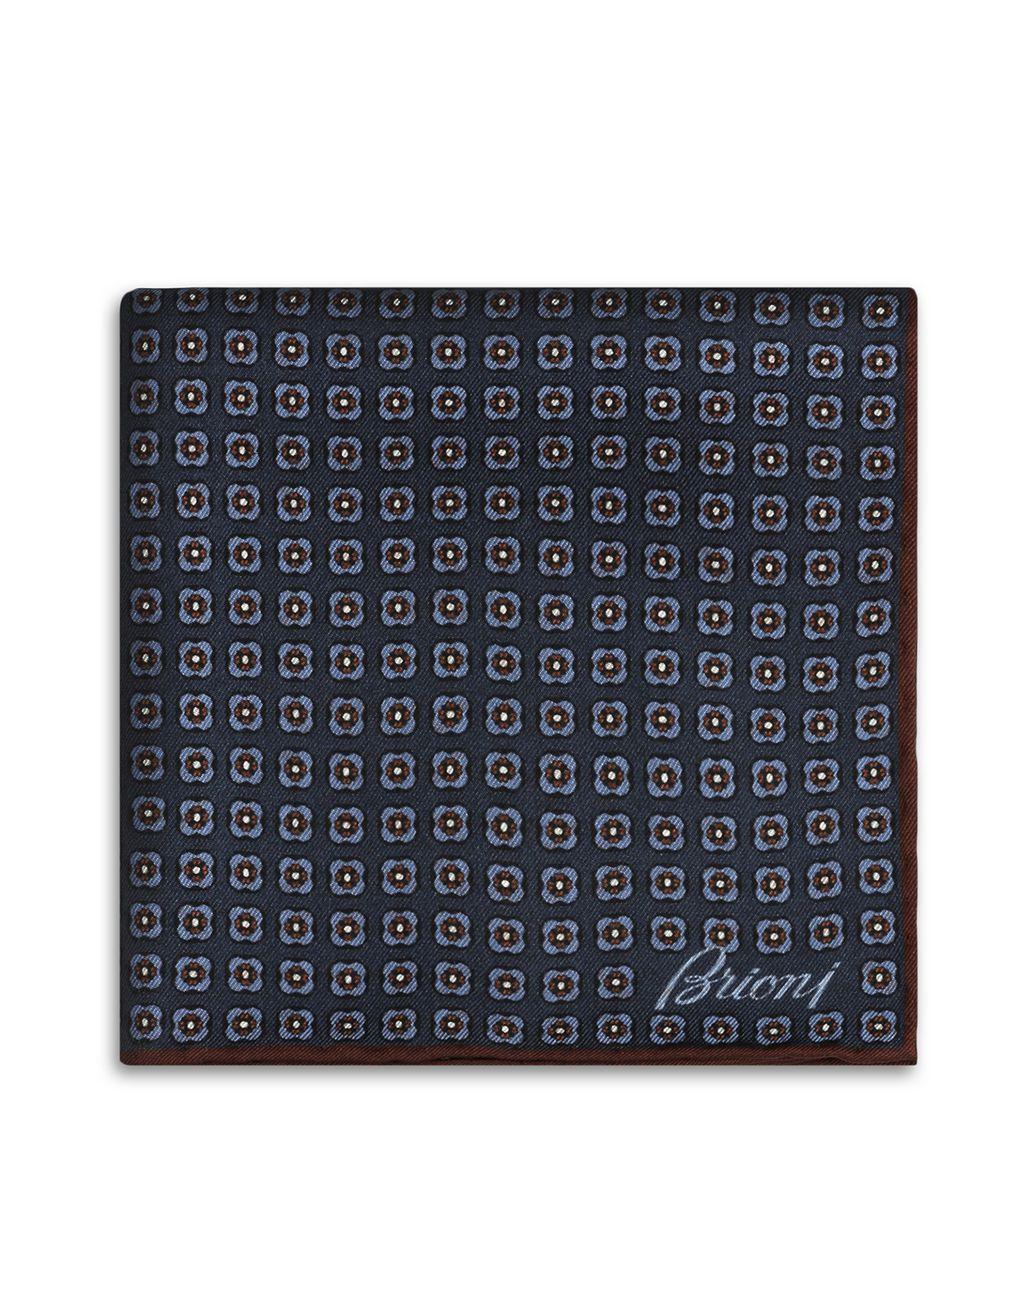 BRIONI Платок-паше василькового и иссиня-чёрного цветов с макроузором Галстуки и карманные платки Для Мужчин r